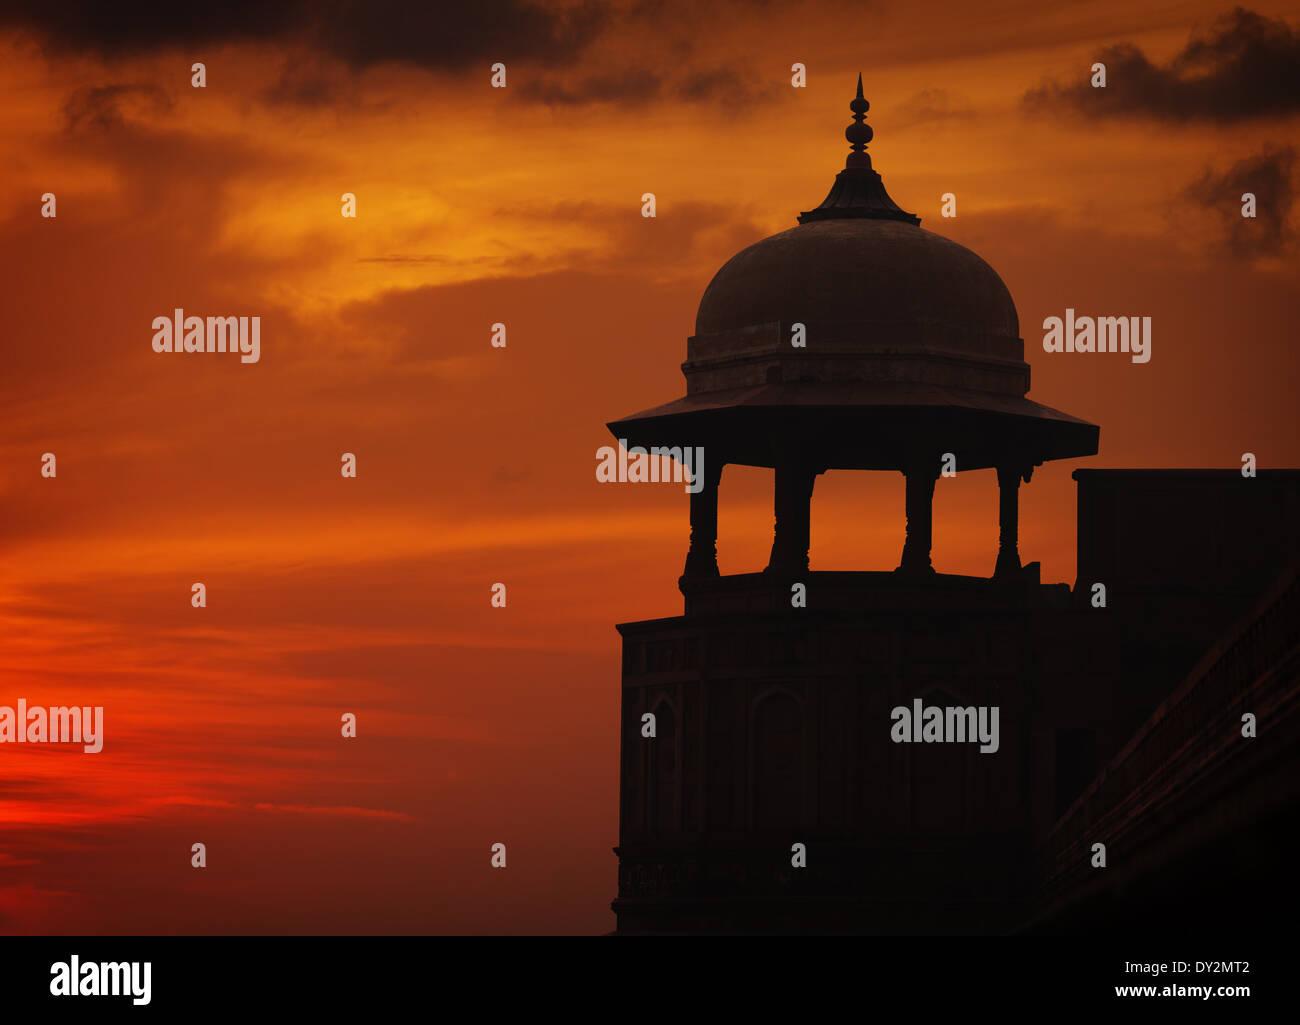 Silhouette des asiatischen Stil Turm auf Sonnenuntergang Himmelshintergrund, roten Ford, Agra, Indien Stockbild